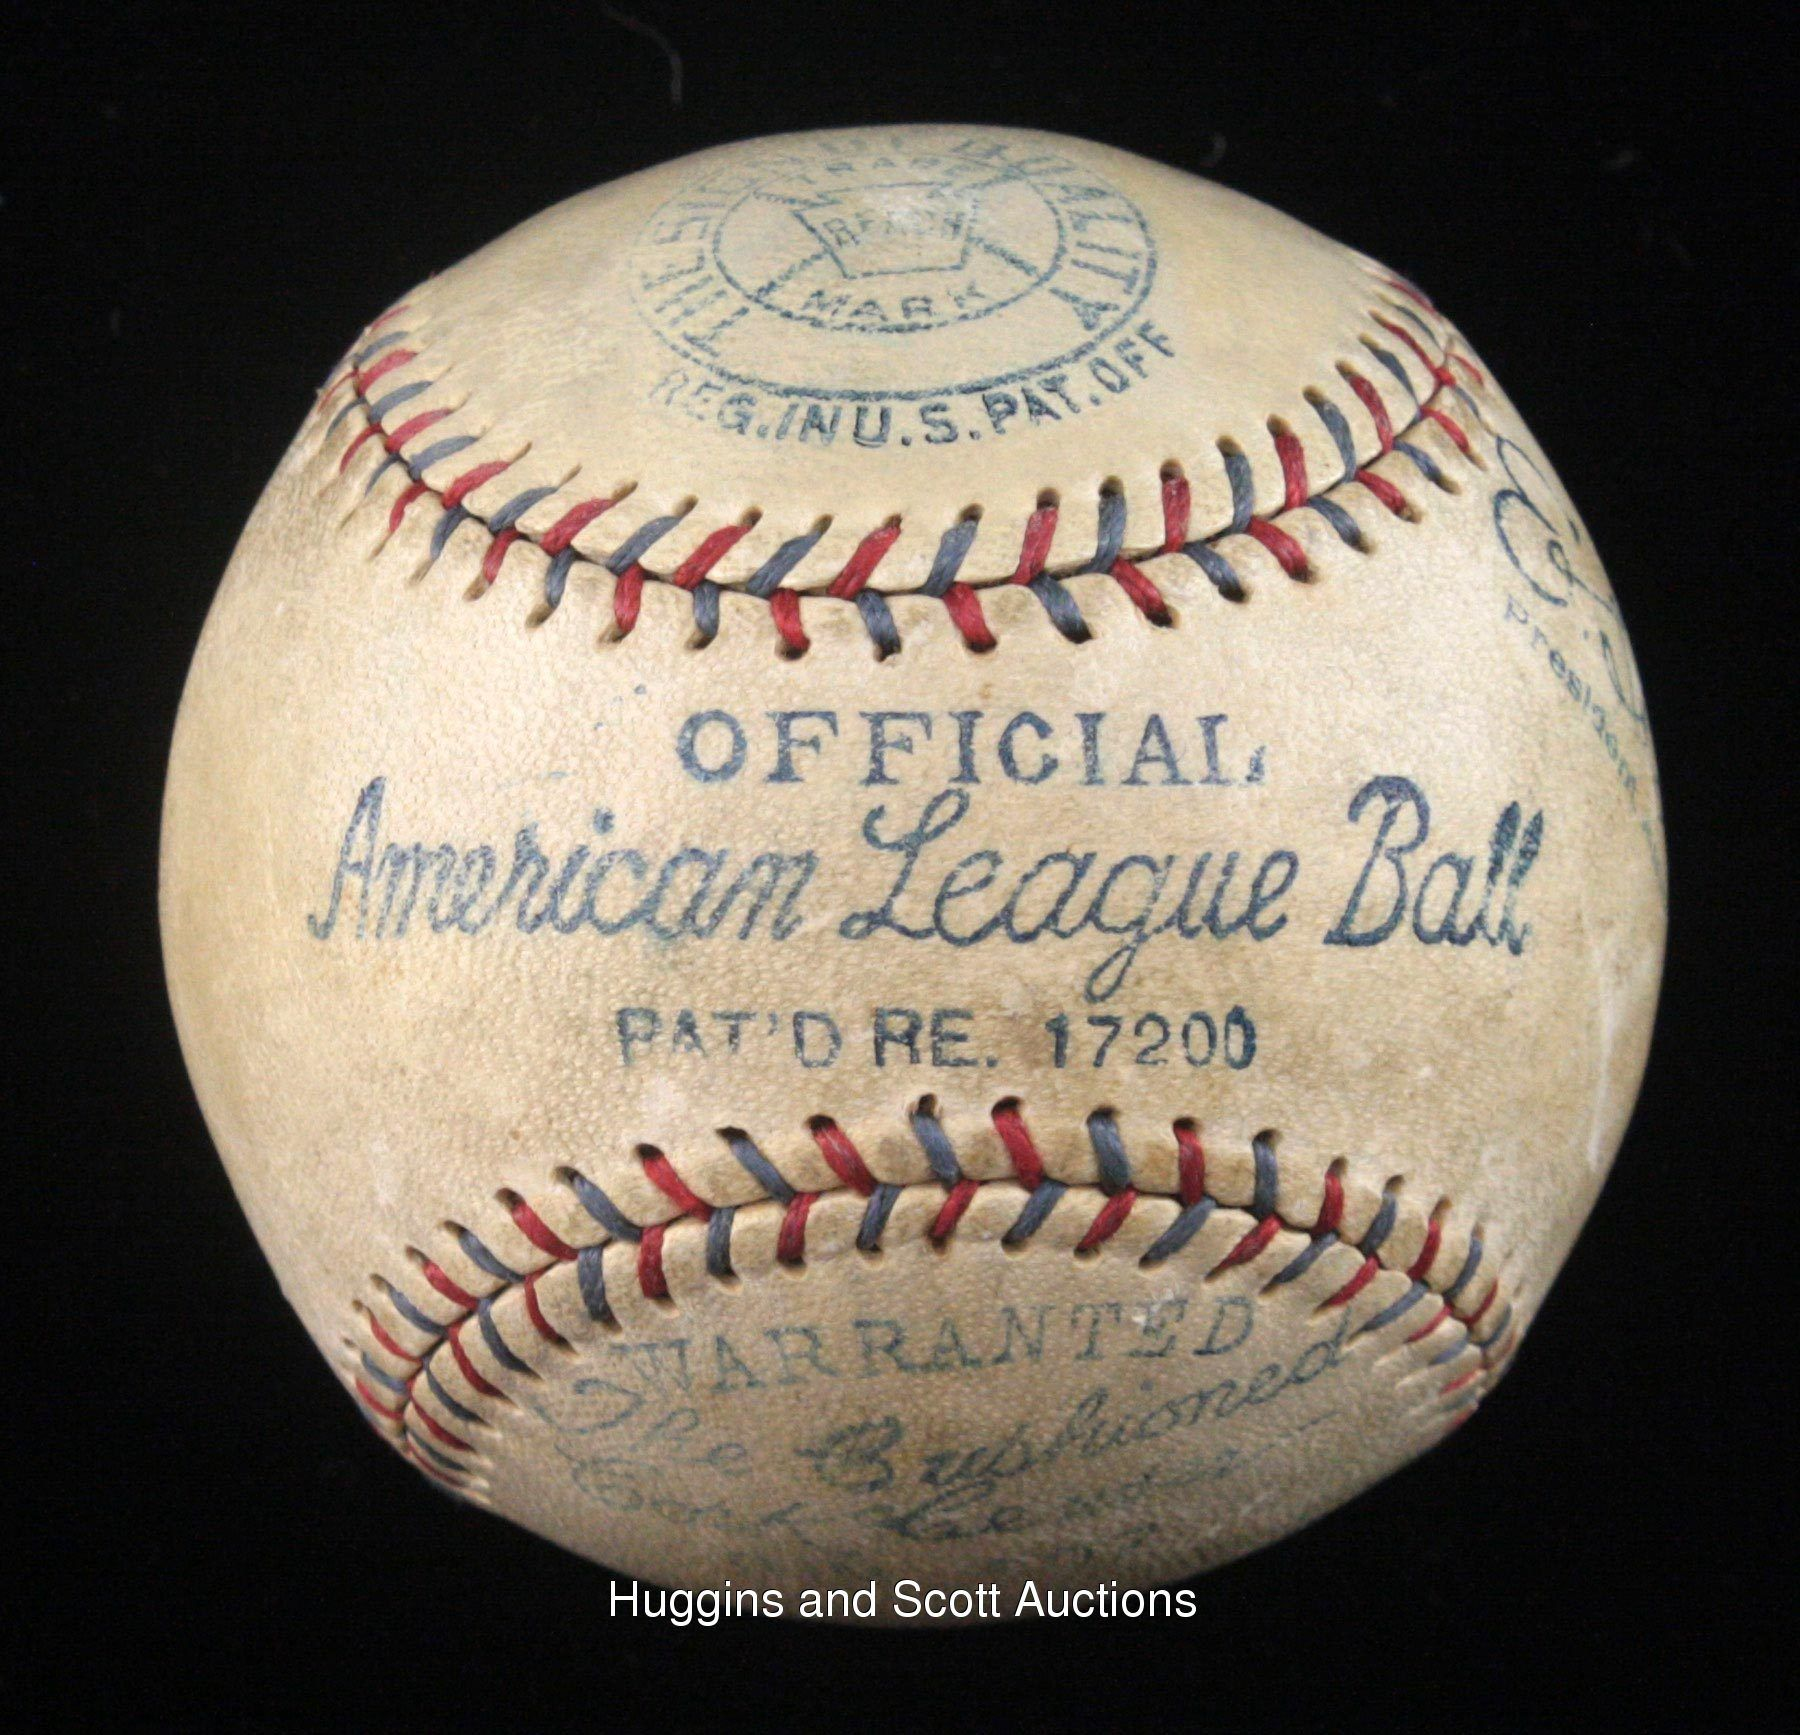 Application Error Baseball Print Baseball History Baseball Memorabilia